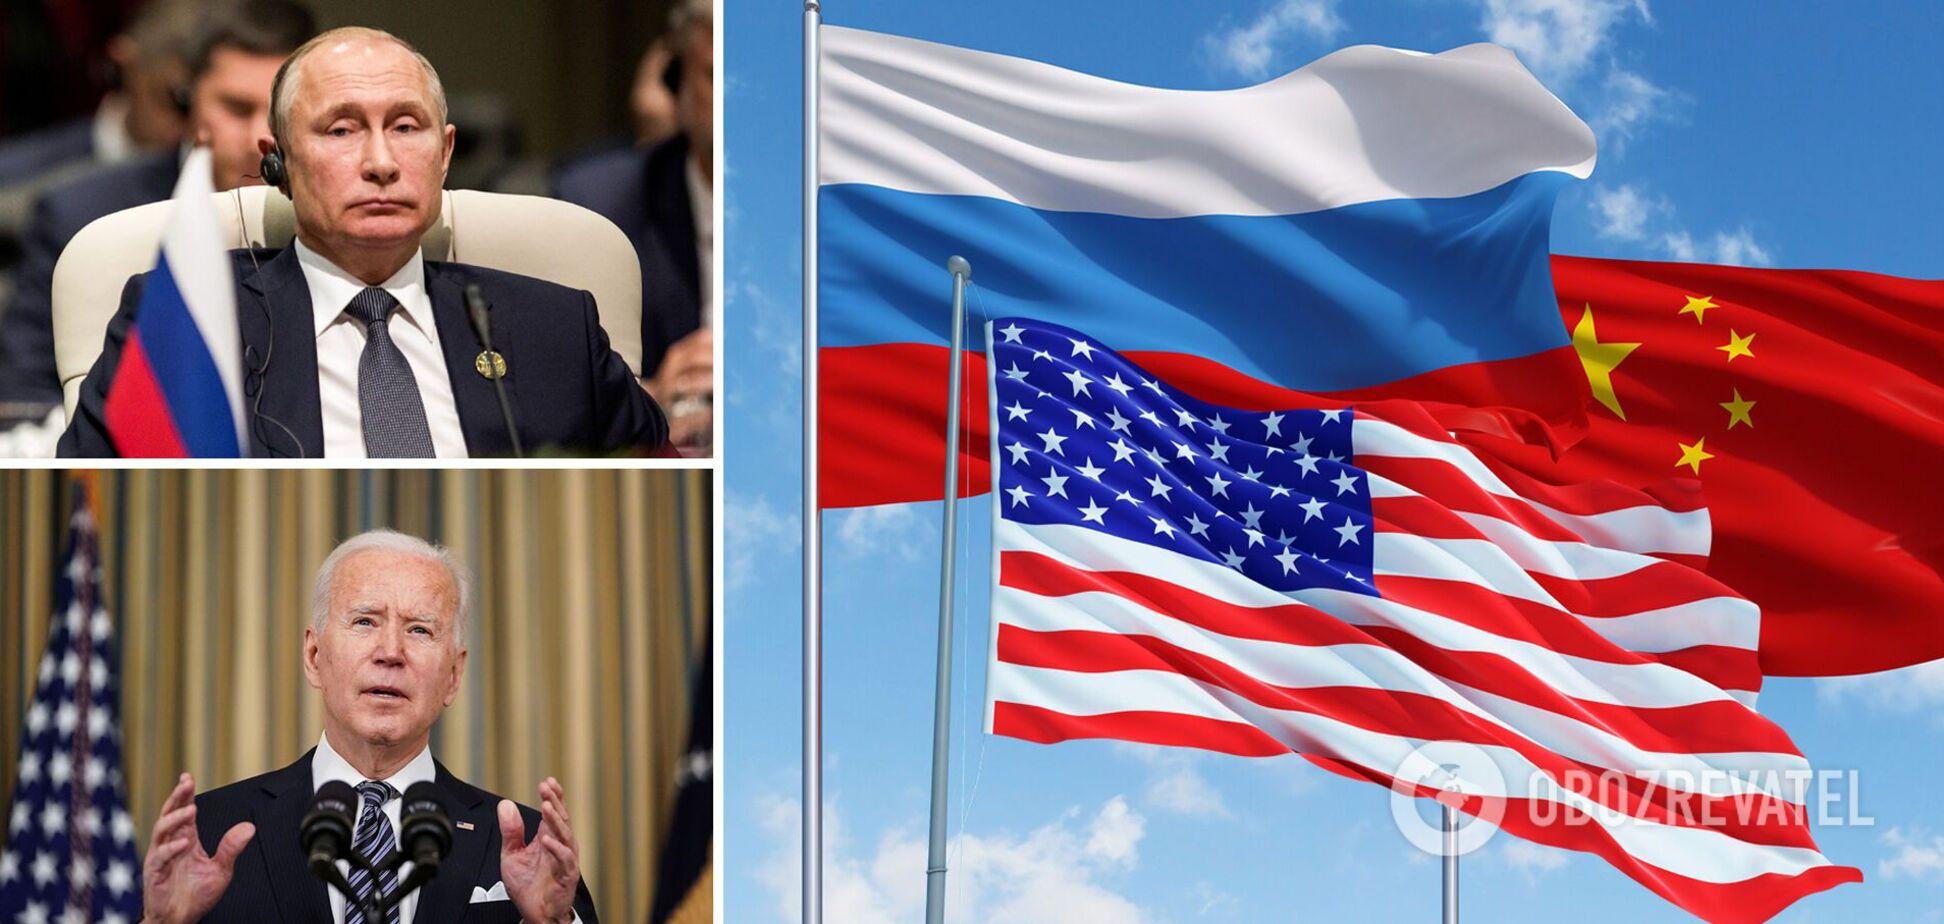 Главным соперником и партнером для США становится Китай